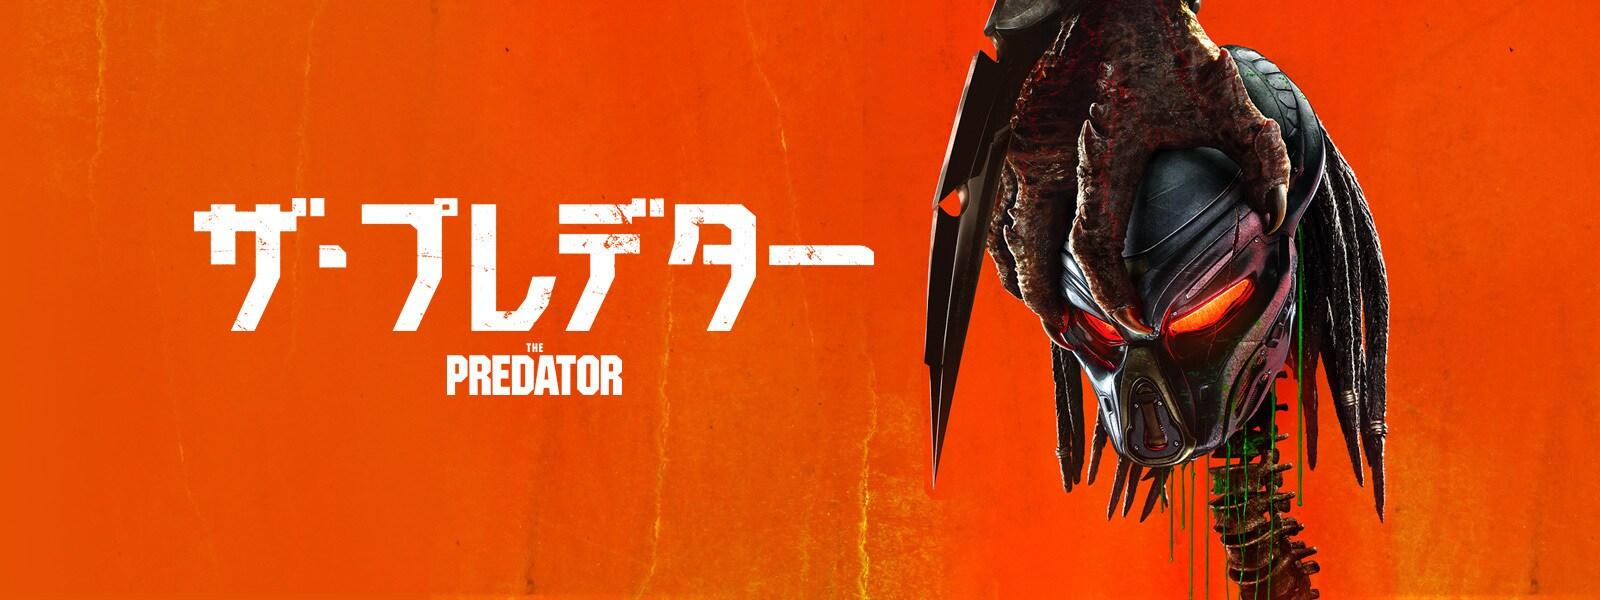 ザ・プレデター The Predator Hero